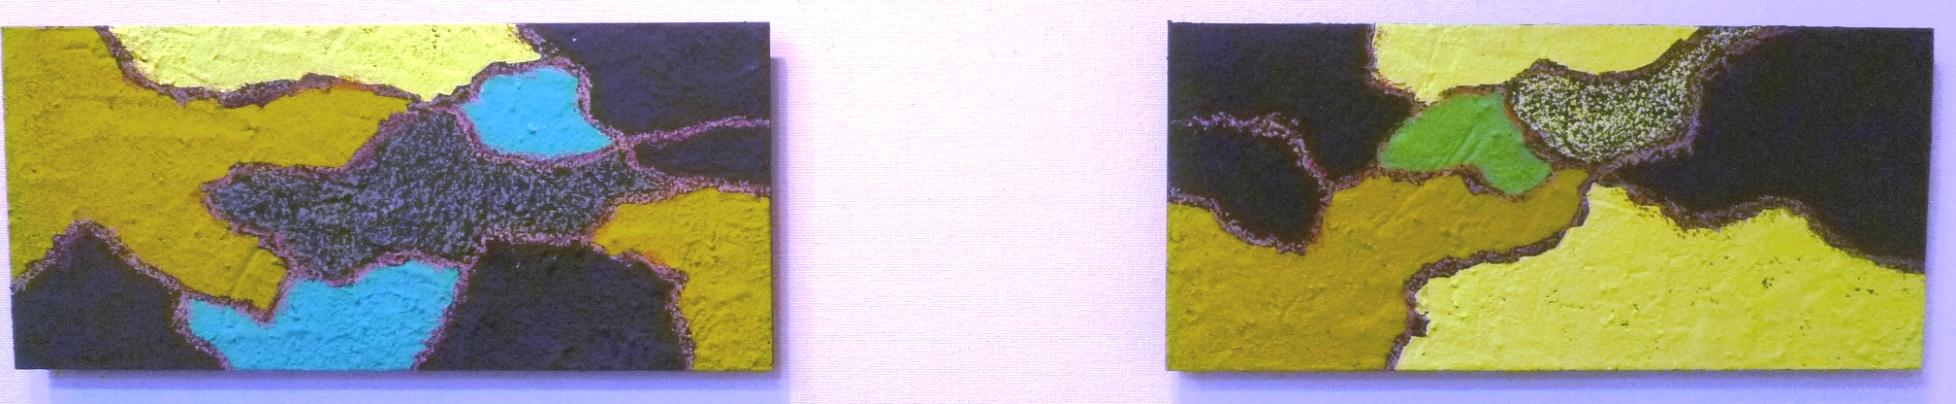 1482) 「守分美佳・展」・ミヤシタ  3月2日(水)~3月20日(日)  _f0126829_12313251.jpg